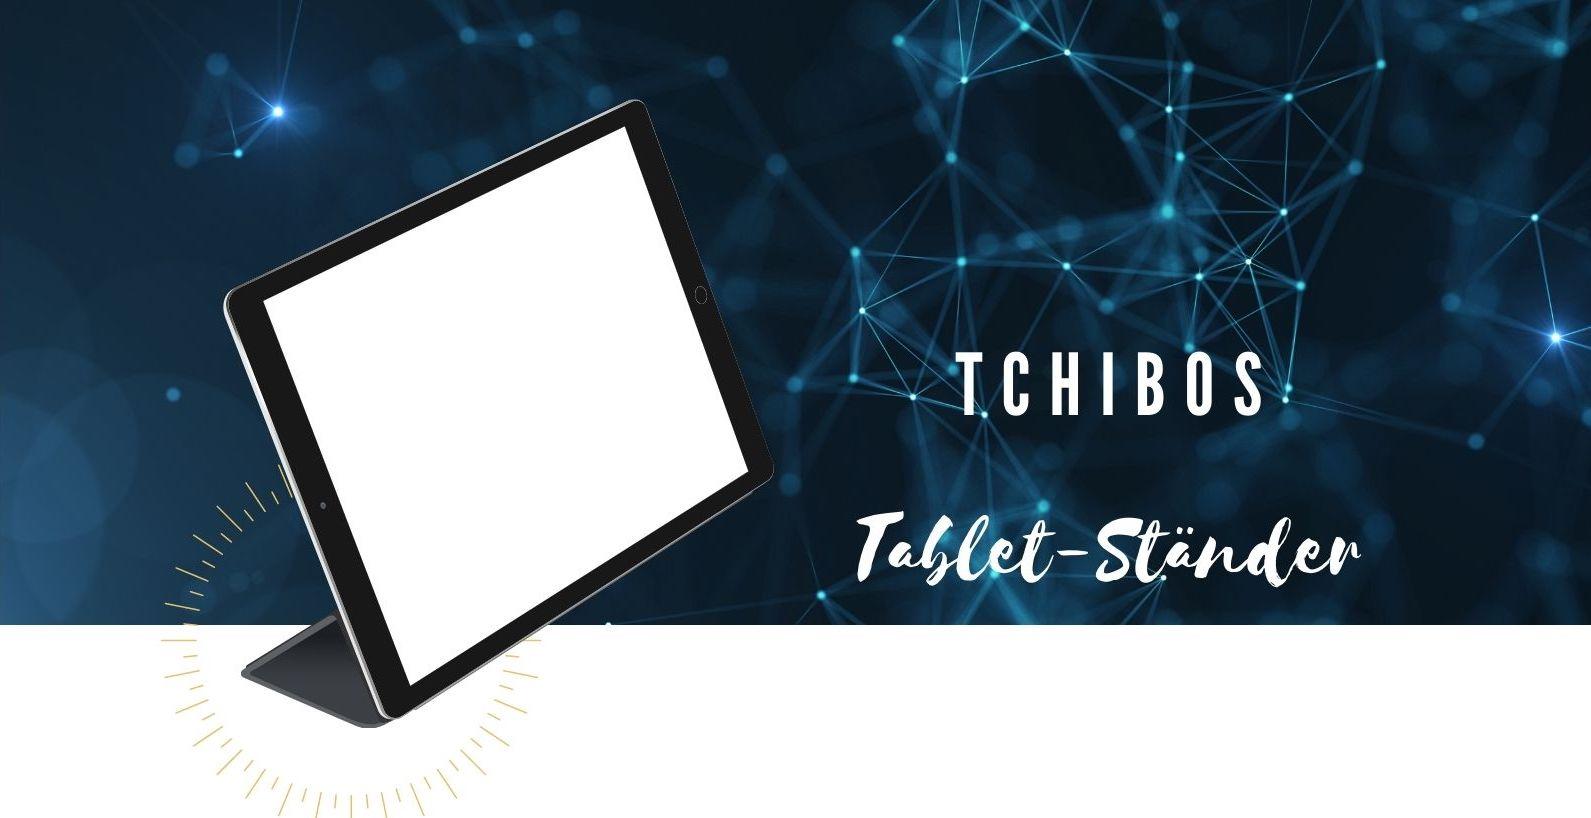 Tchibos Tablet-Ständer